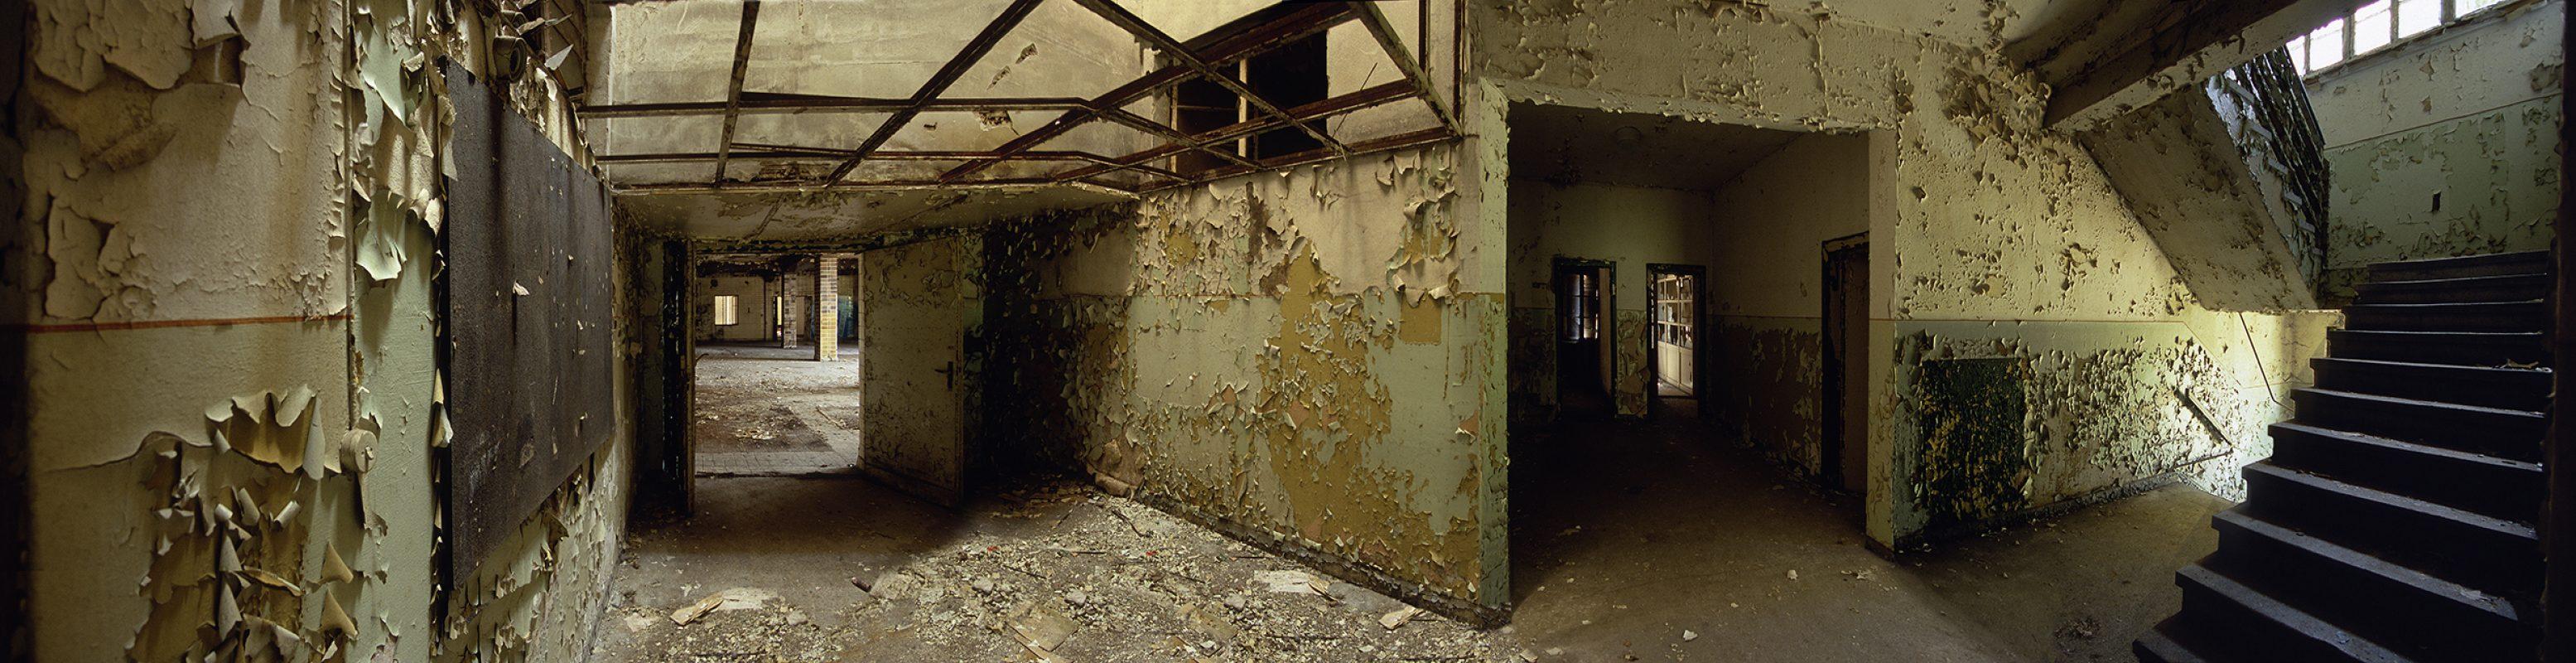 KZ-Außenlager Sachsenhausen, Häftlingsbäckerei am Klinkerwerk, Vorraum